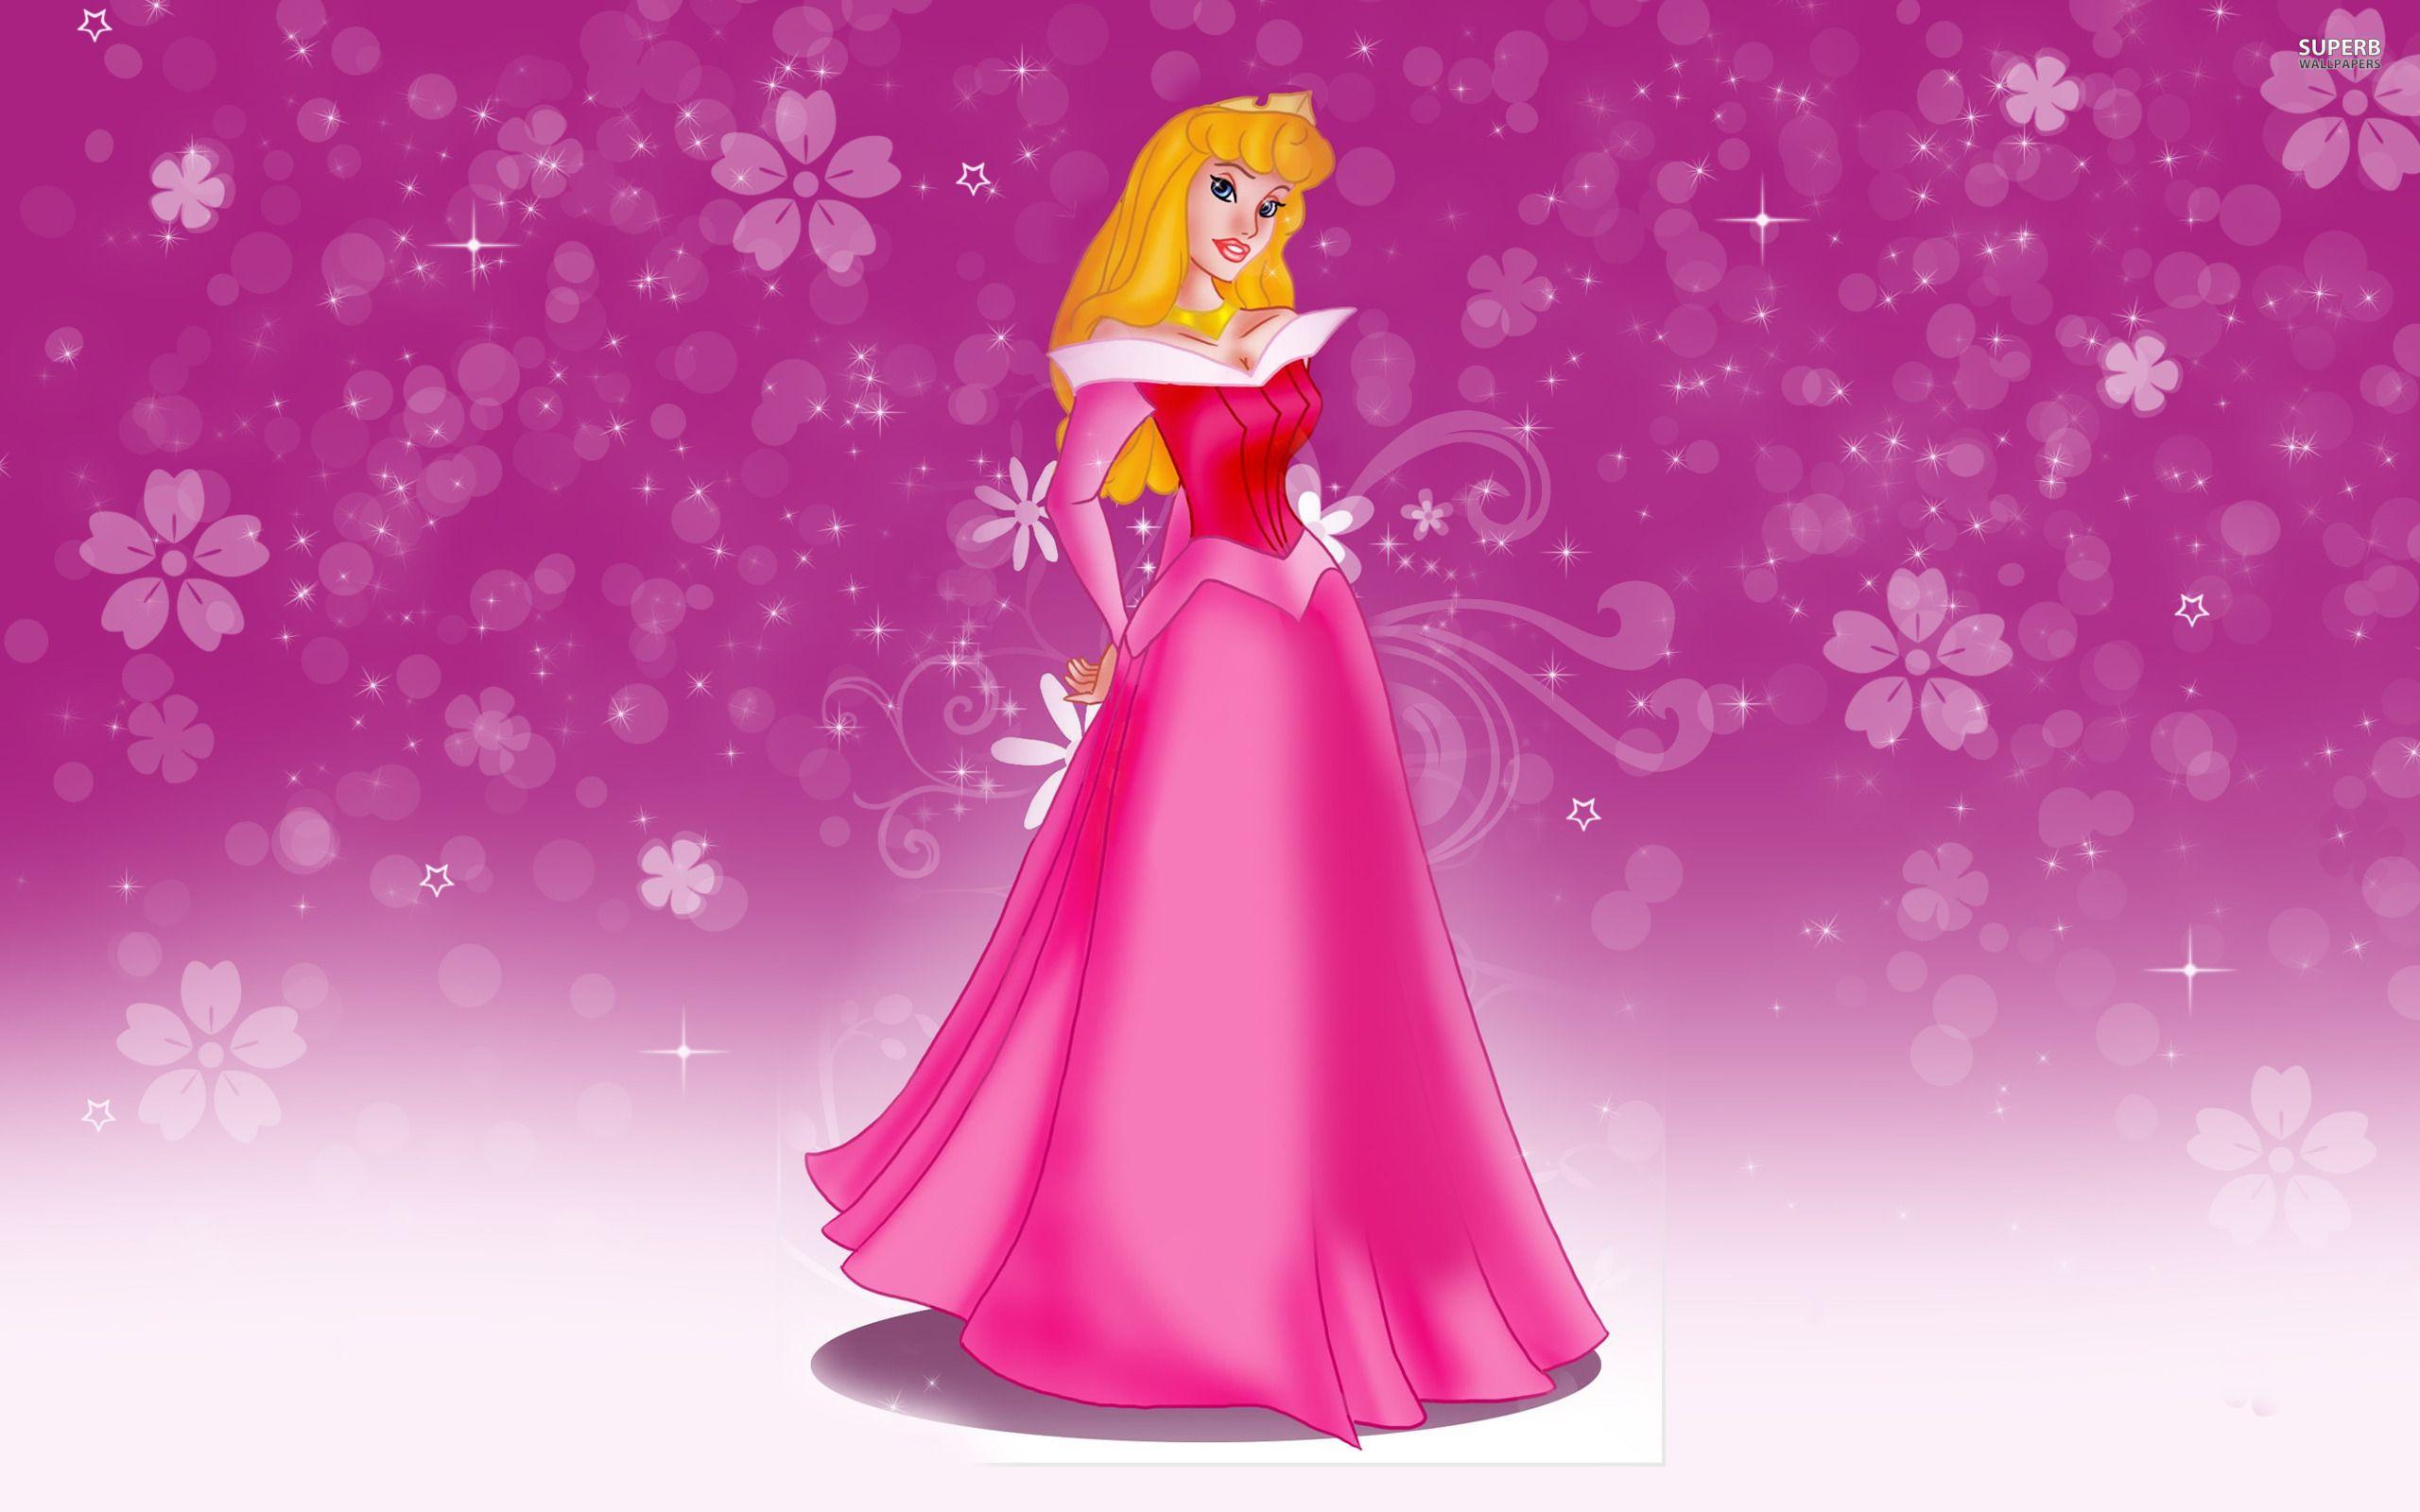 Princess Aurora   Sleeping Beauty wallpaper   Cartoon wallpapers 2560x1600